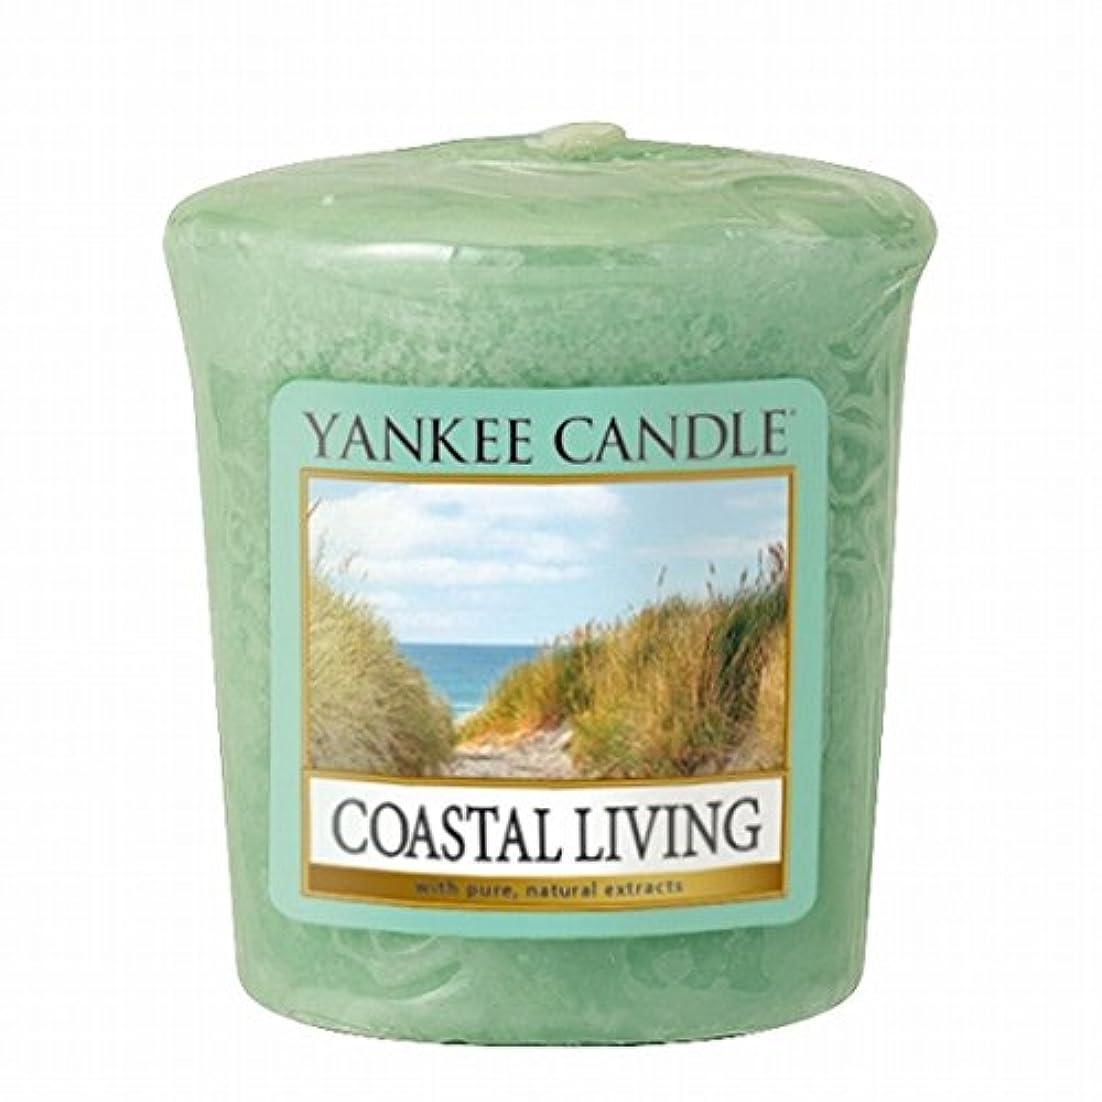 すばらしいです信頼性のあるご意見YANKEE CANDLE(ヤンキーキャンドル) YANKEE CANDLE サンプラー 「コースタルリビング」6個セット(K00105292)